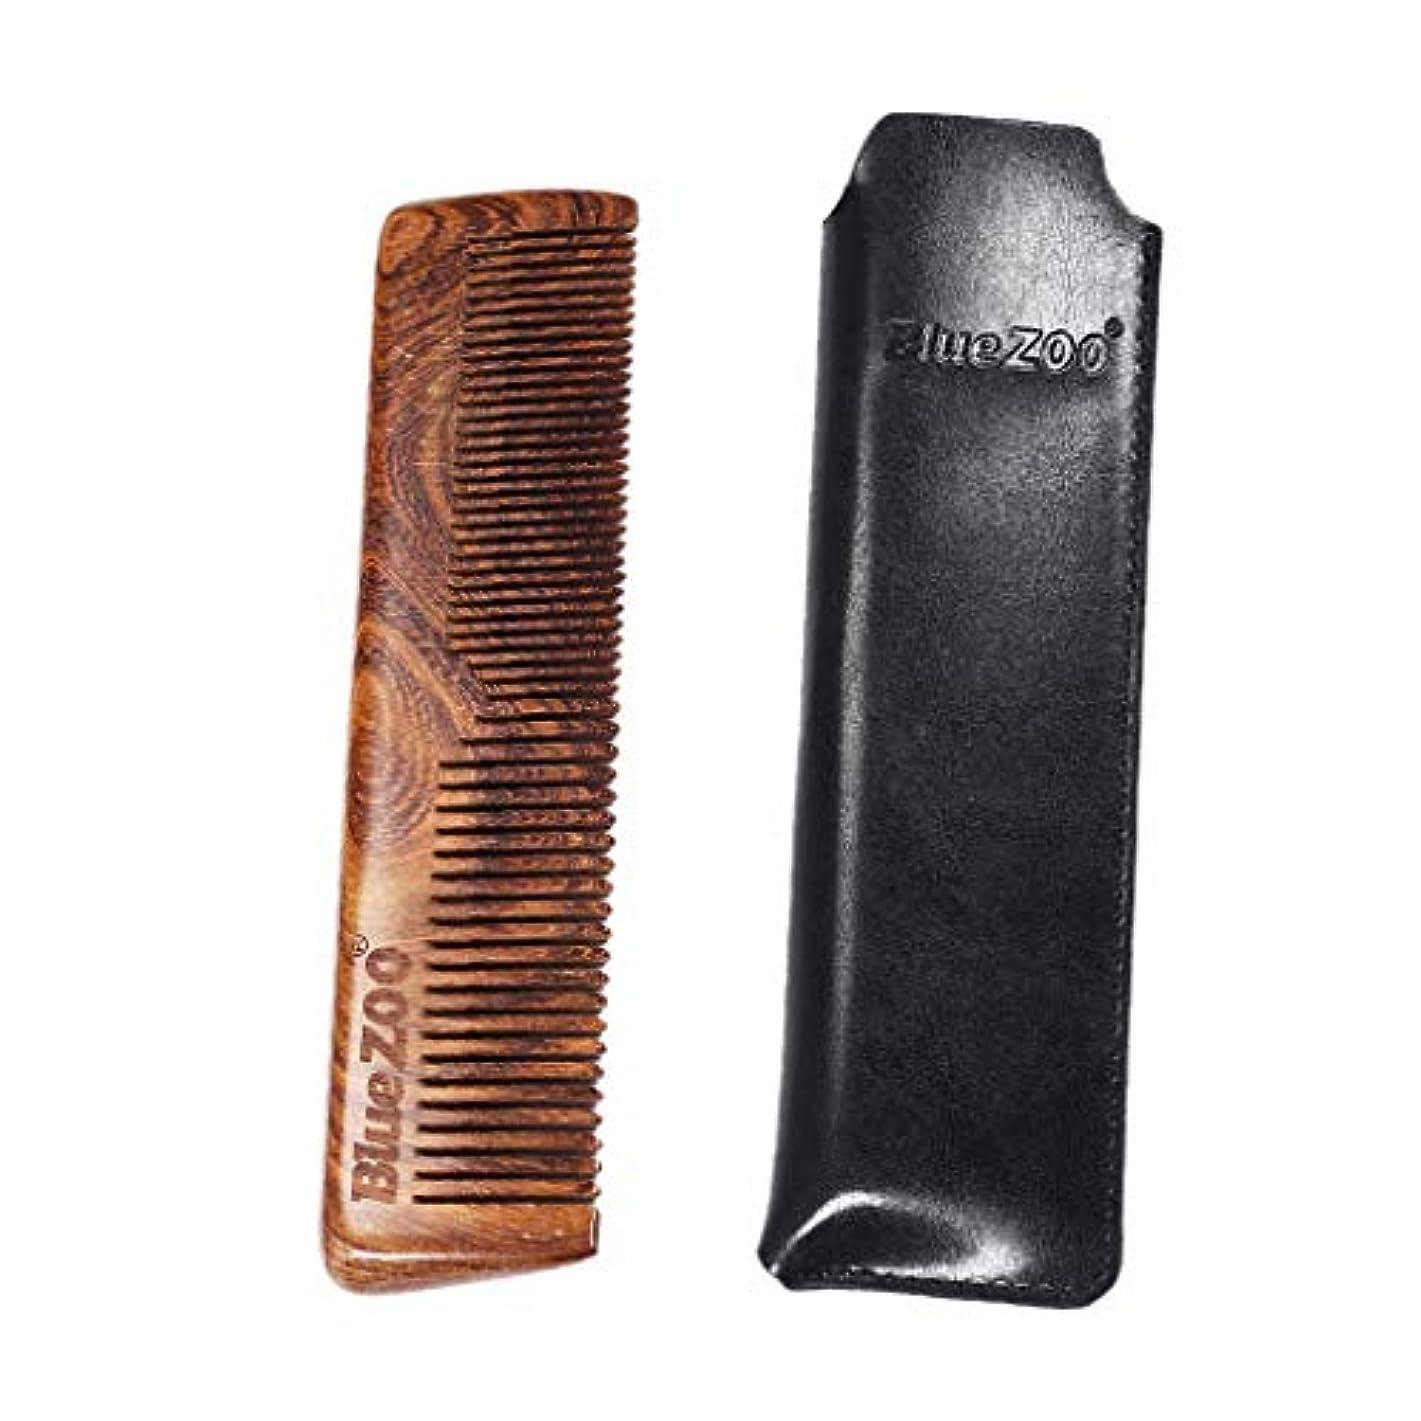 直接オーストラリア人余暇木製 ひげ櫛 PUバッグ 木製櫛 口ひげ ヘアブラシ 2色選べ - ブラック